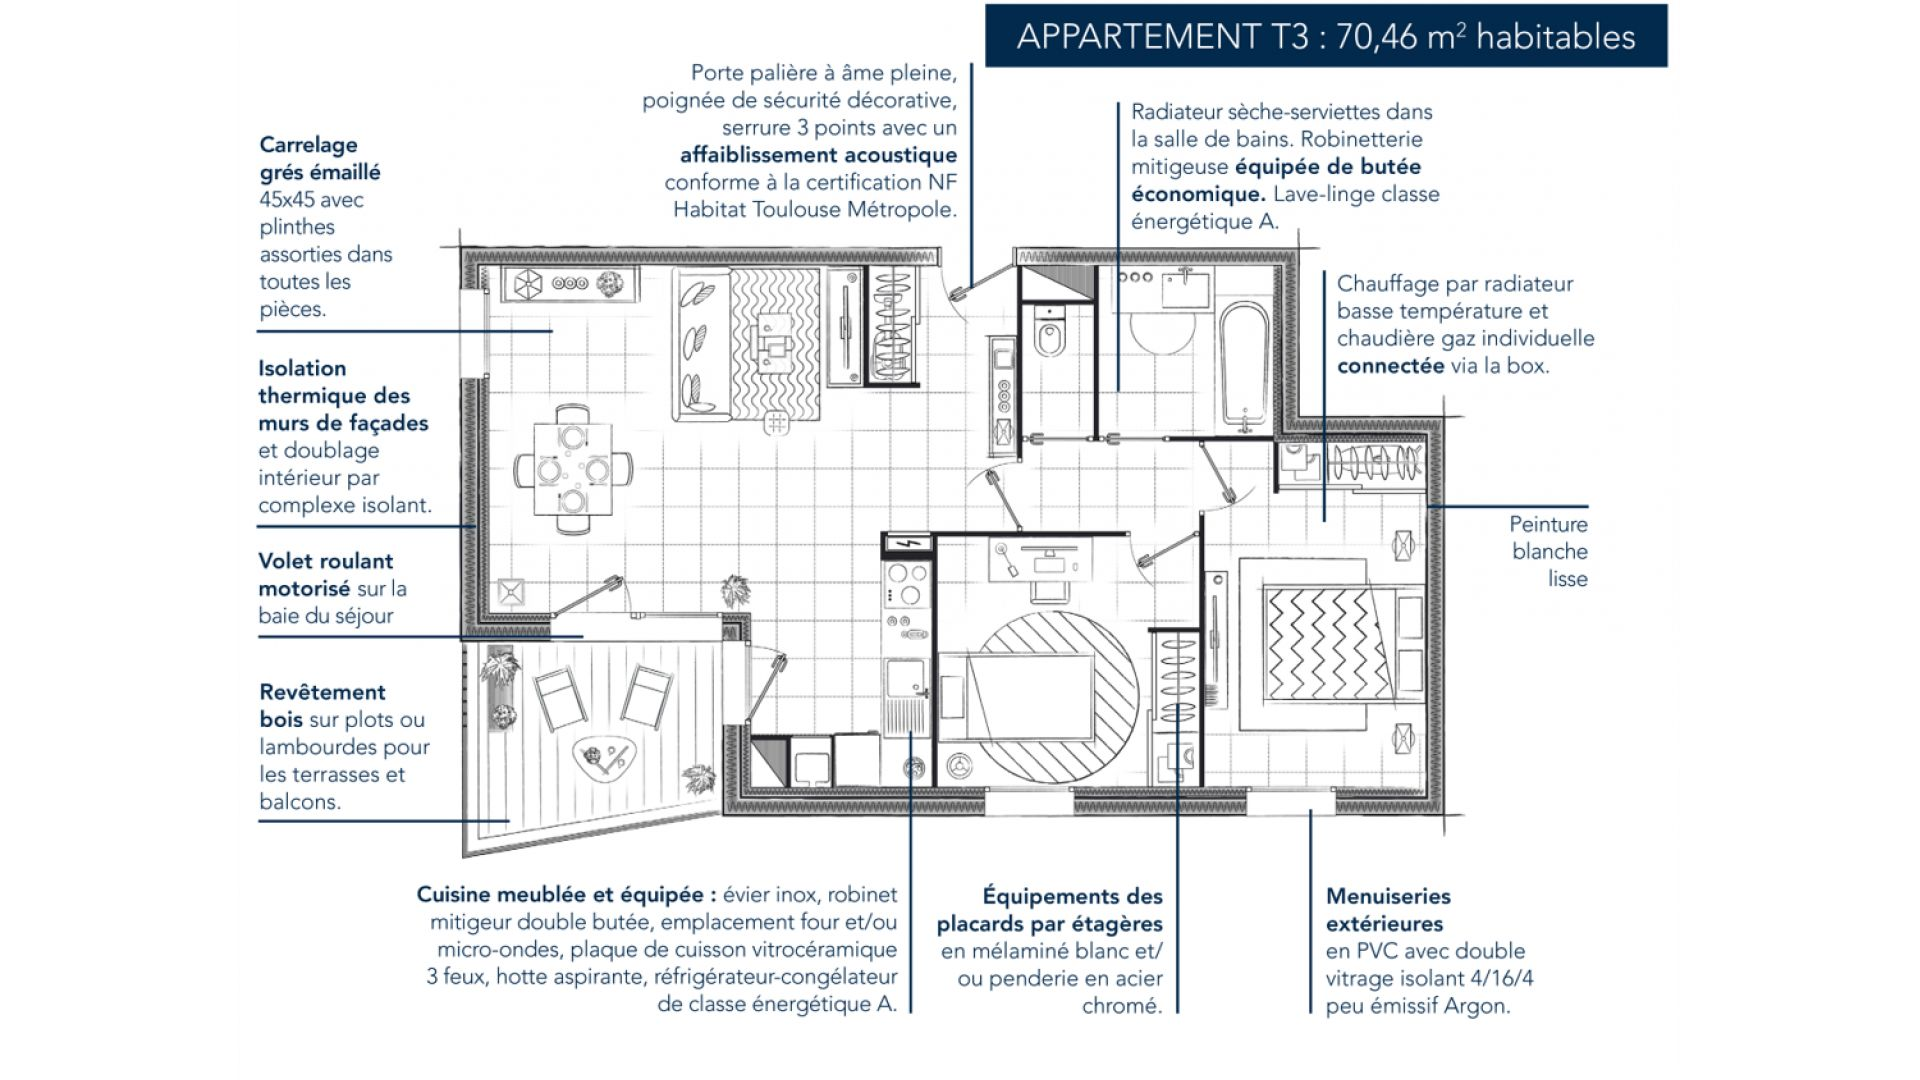 Greencity Immobilier - Résidence Les Jardins de Pouvourville - 31200 Toulouse Pouvourville - a vendre appartements du T2 au T4 - plan T3